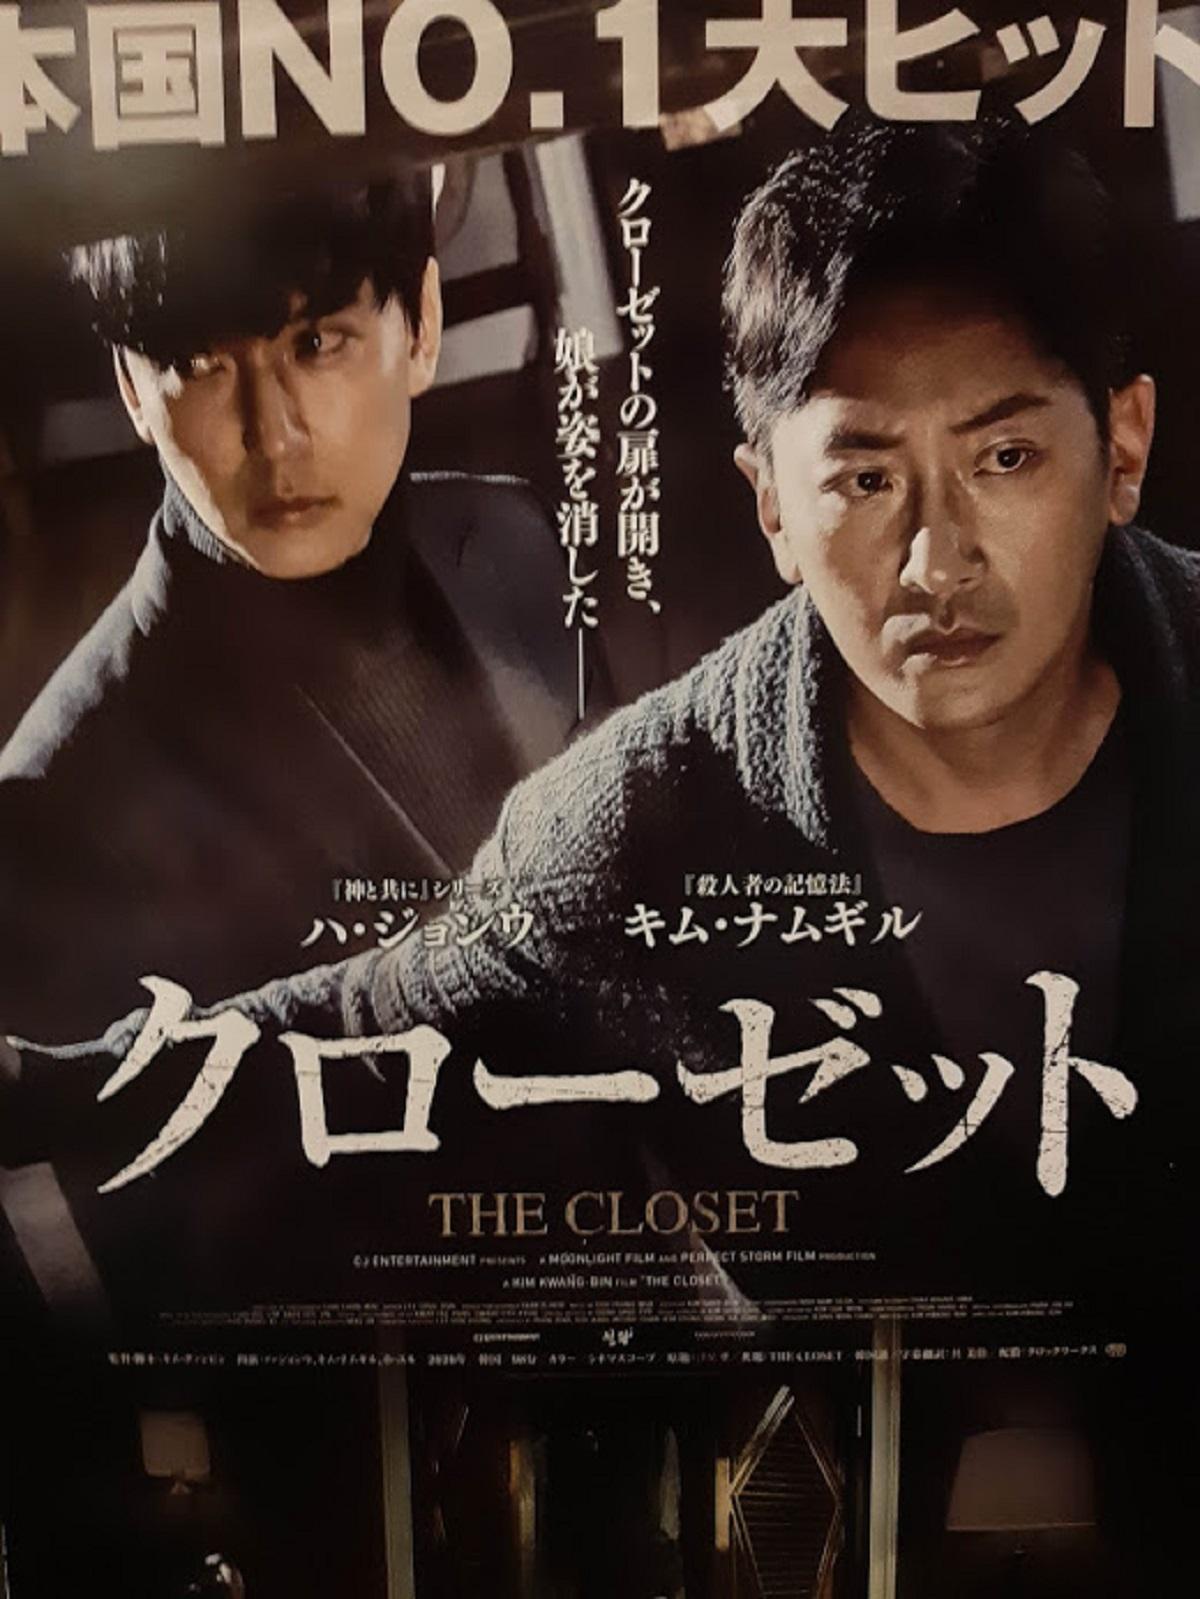 映画『クローゼット』のチラシポスター